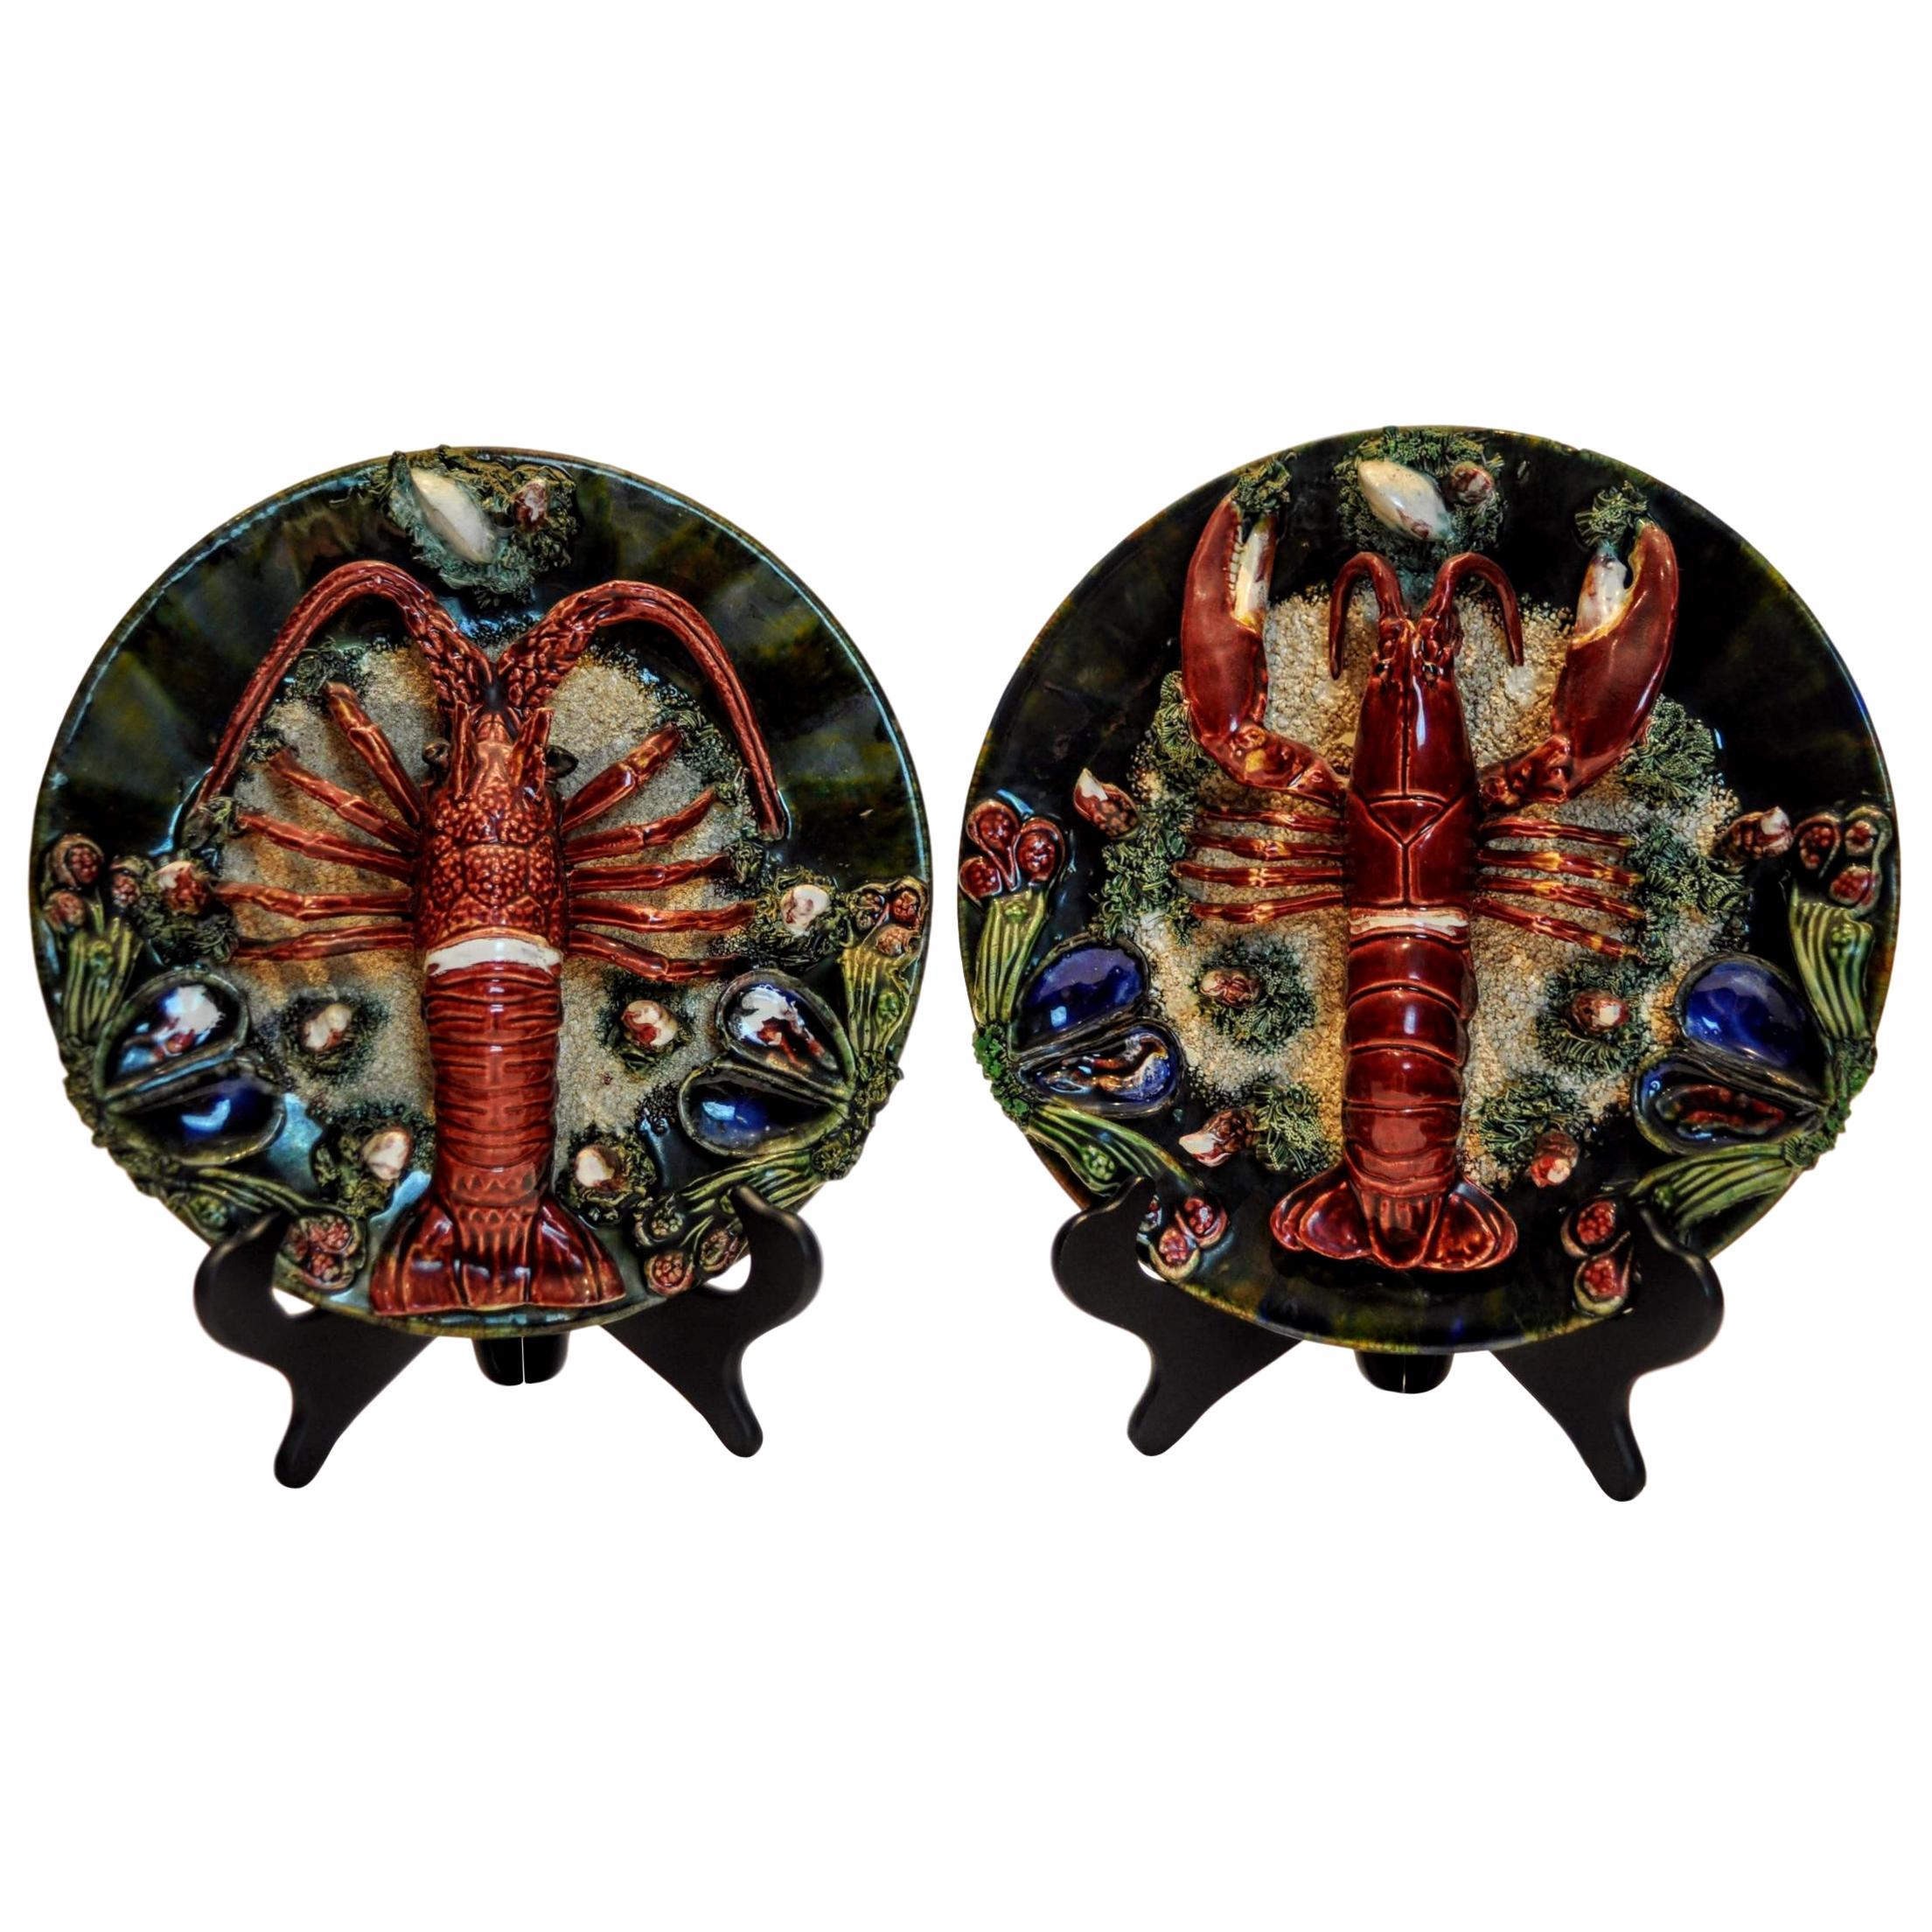 Pair of Palissy Style Lobster Tromp L'oeil Wall Plaques, Caldas Da Rainha 1920